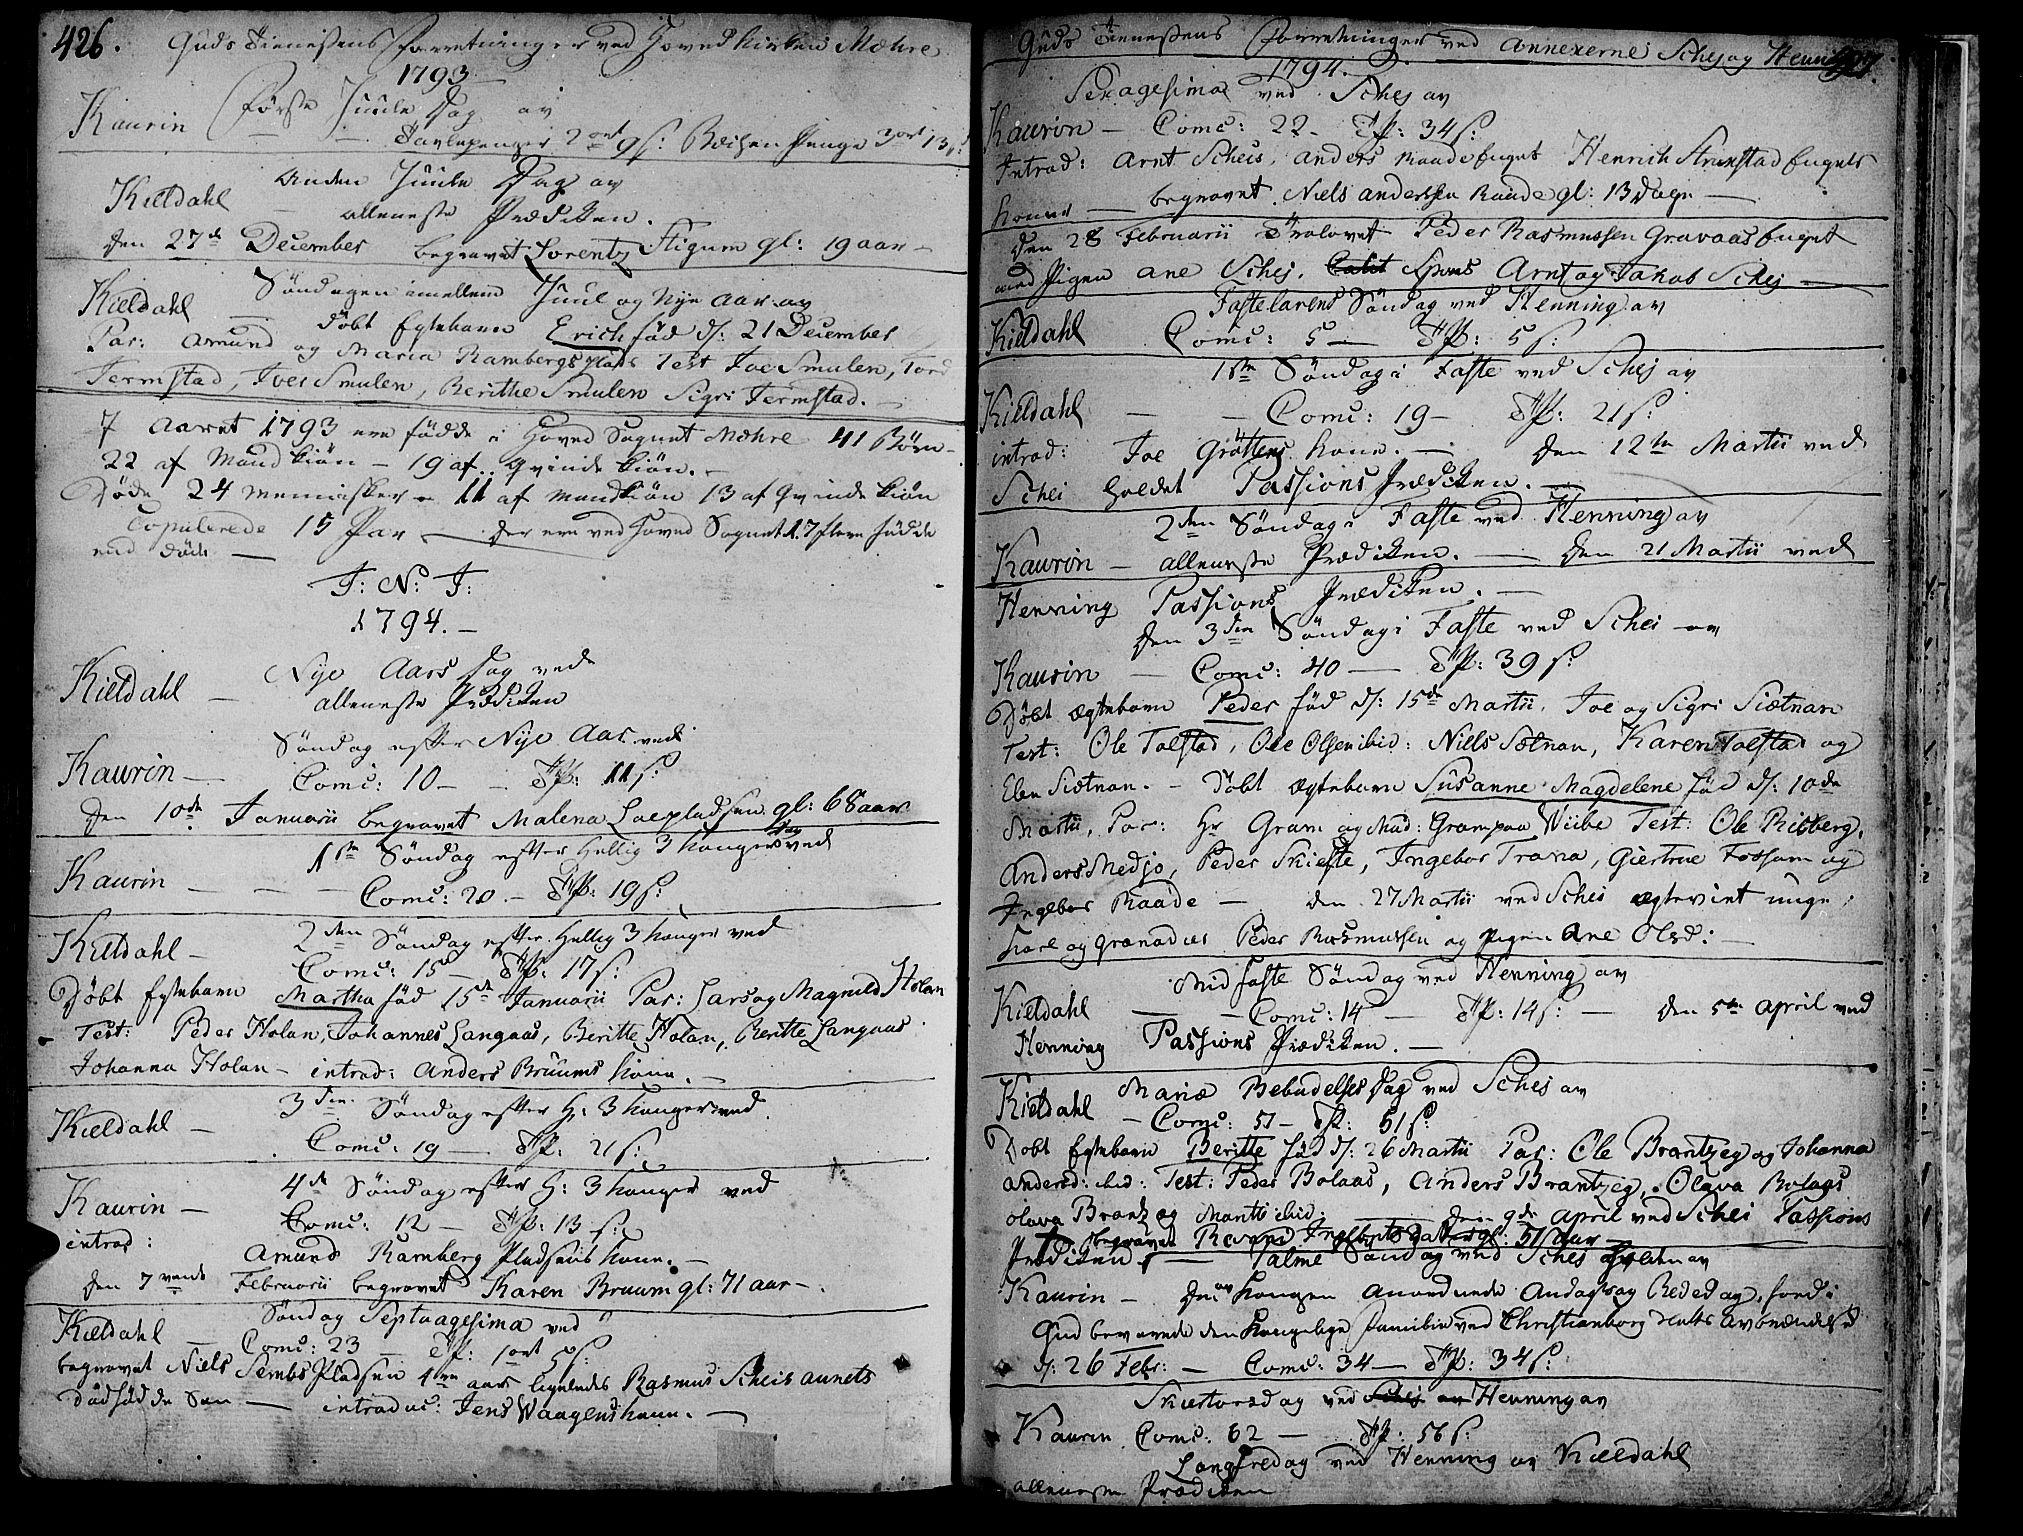 SAT, Ministerialprotokoller, klokkerbøker og fødselsregistre - Nord-Trøndelag, 735/L0331: Ministerialbok nr. 735A02, 1762-1794, s. 426-427